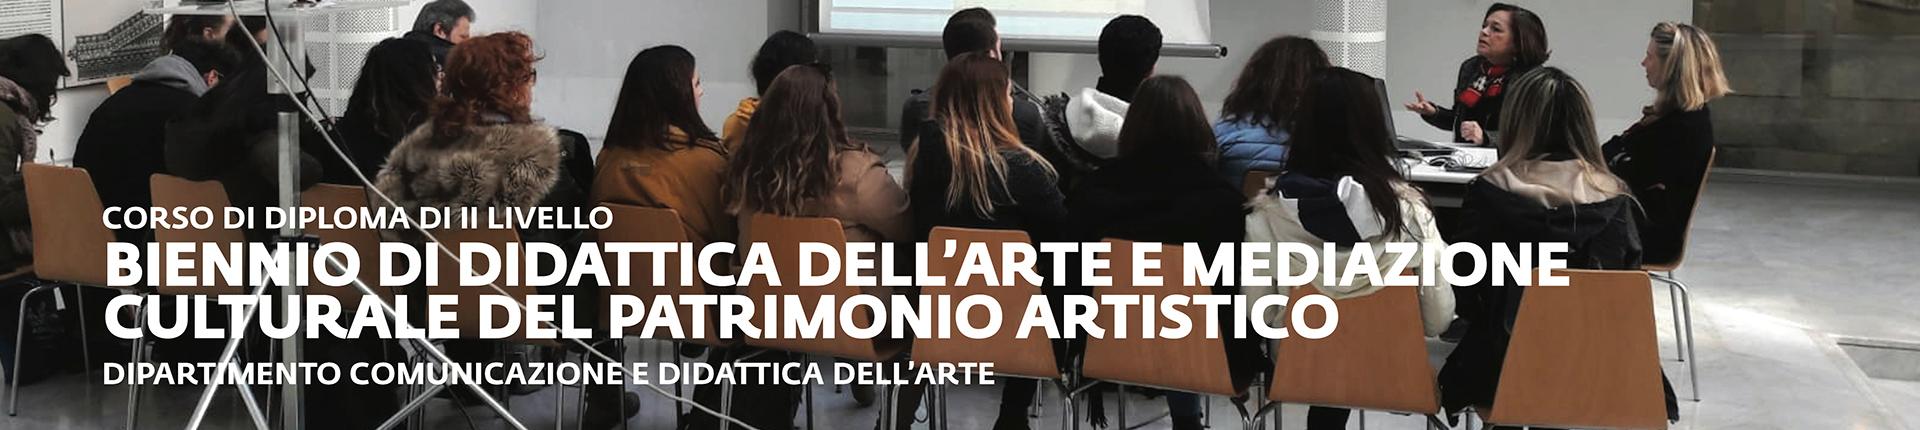 04_biennio-didattica